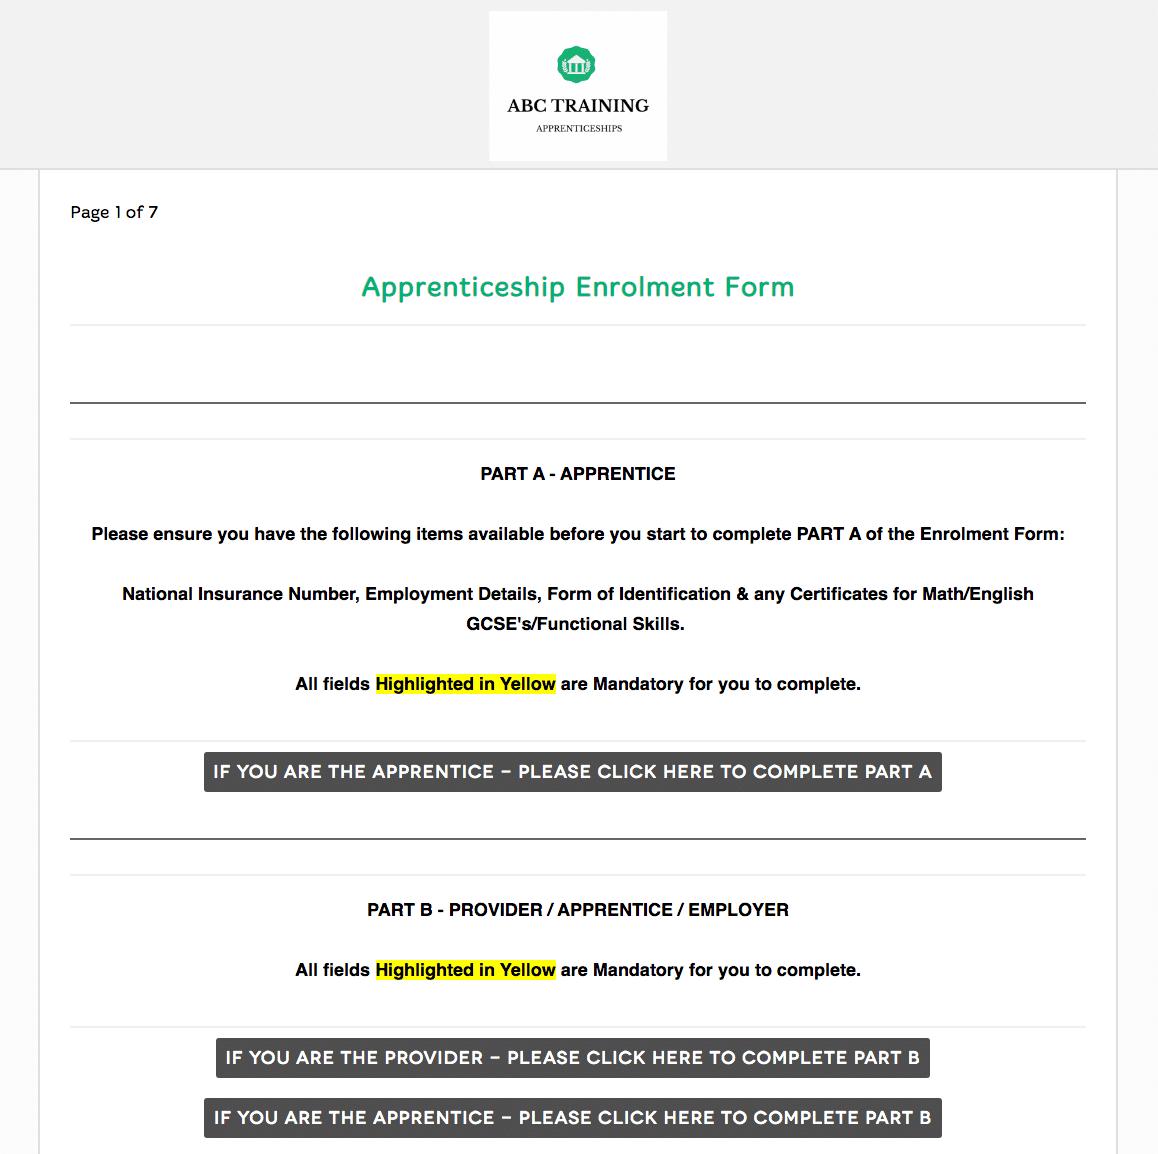 Apprenticeship enrolment form